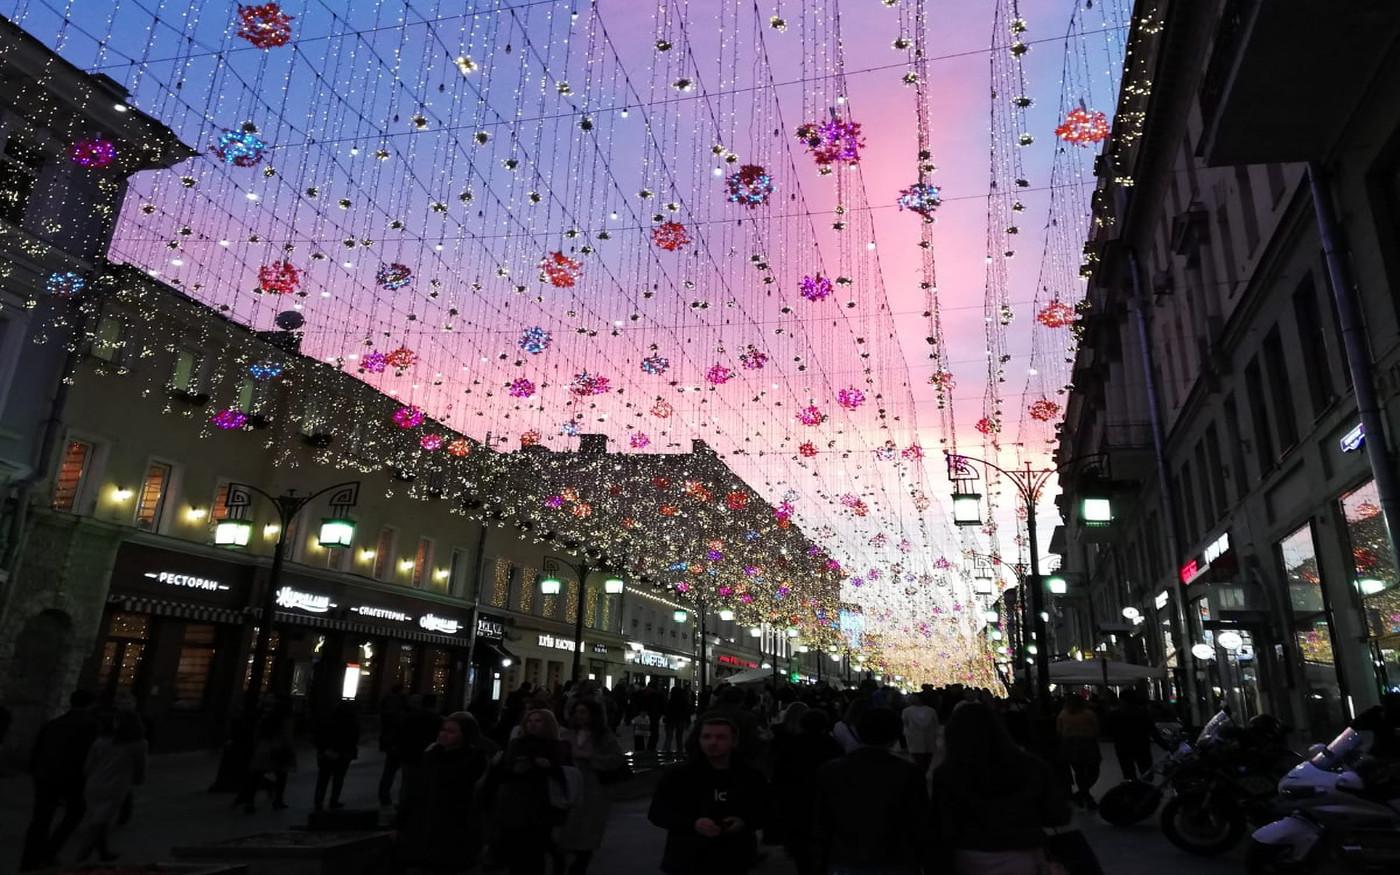 Oświetlona ulica Nikolskaja w Moskwie